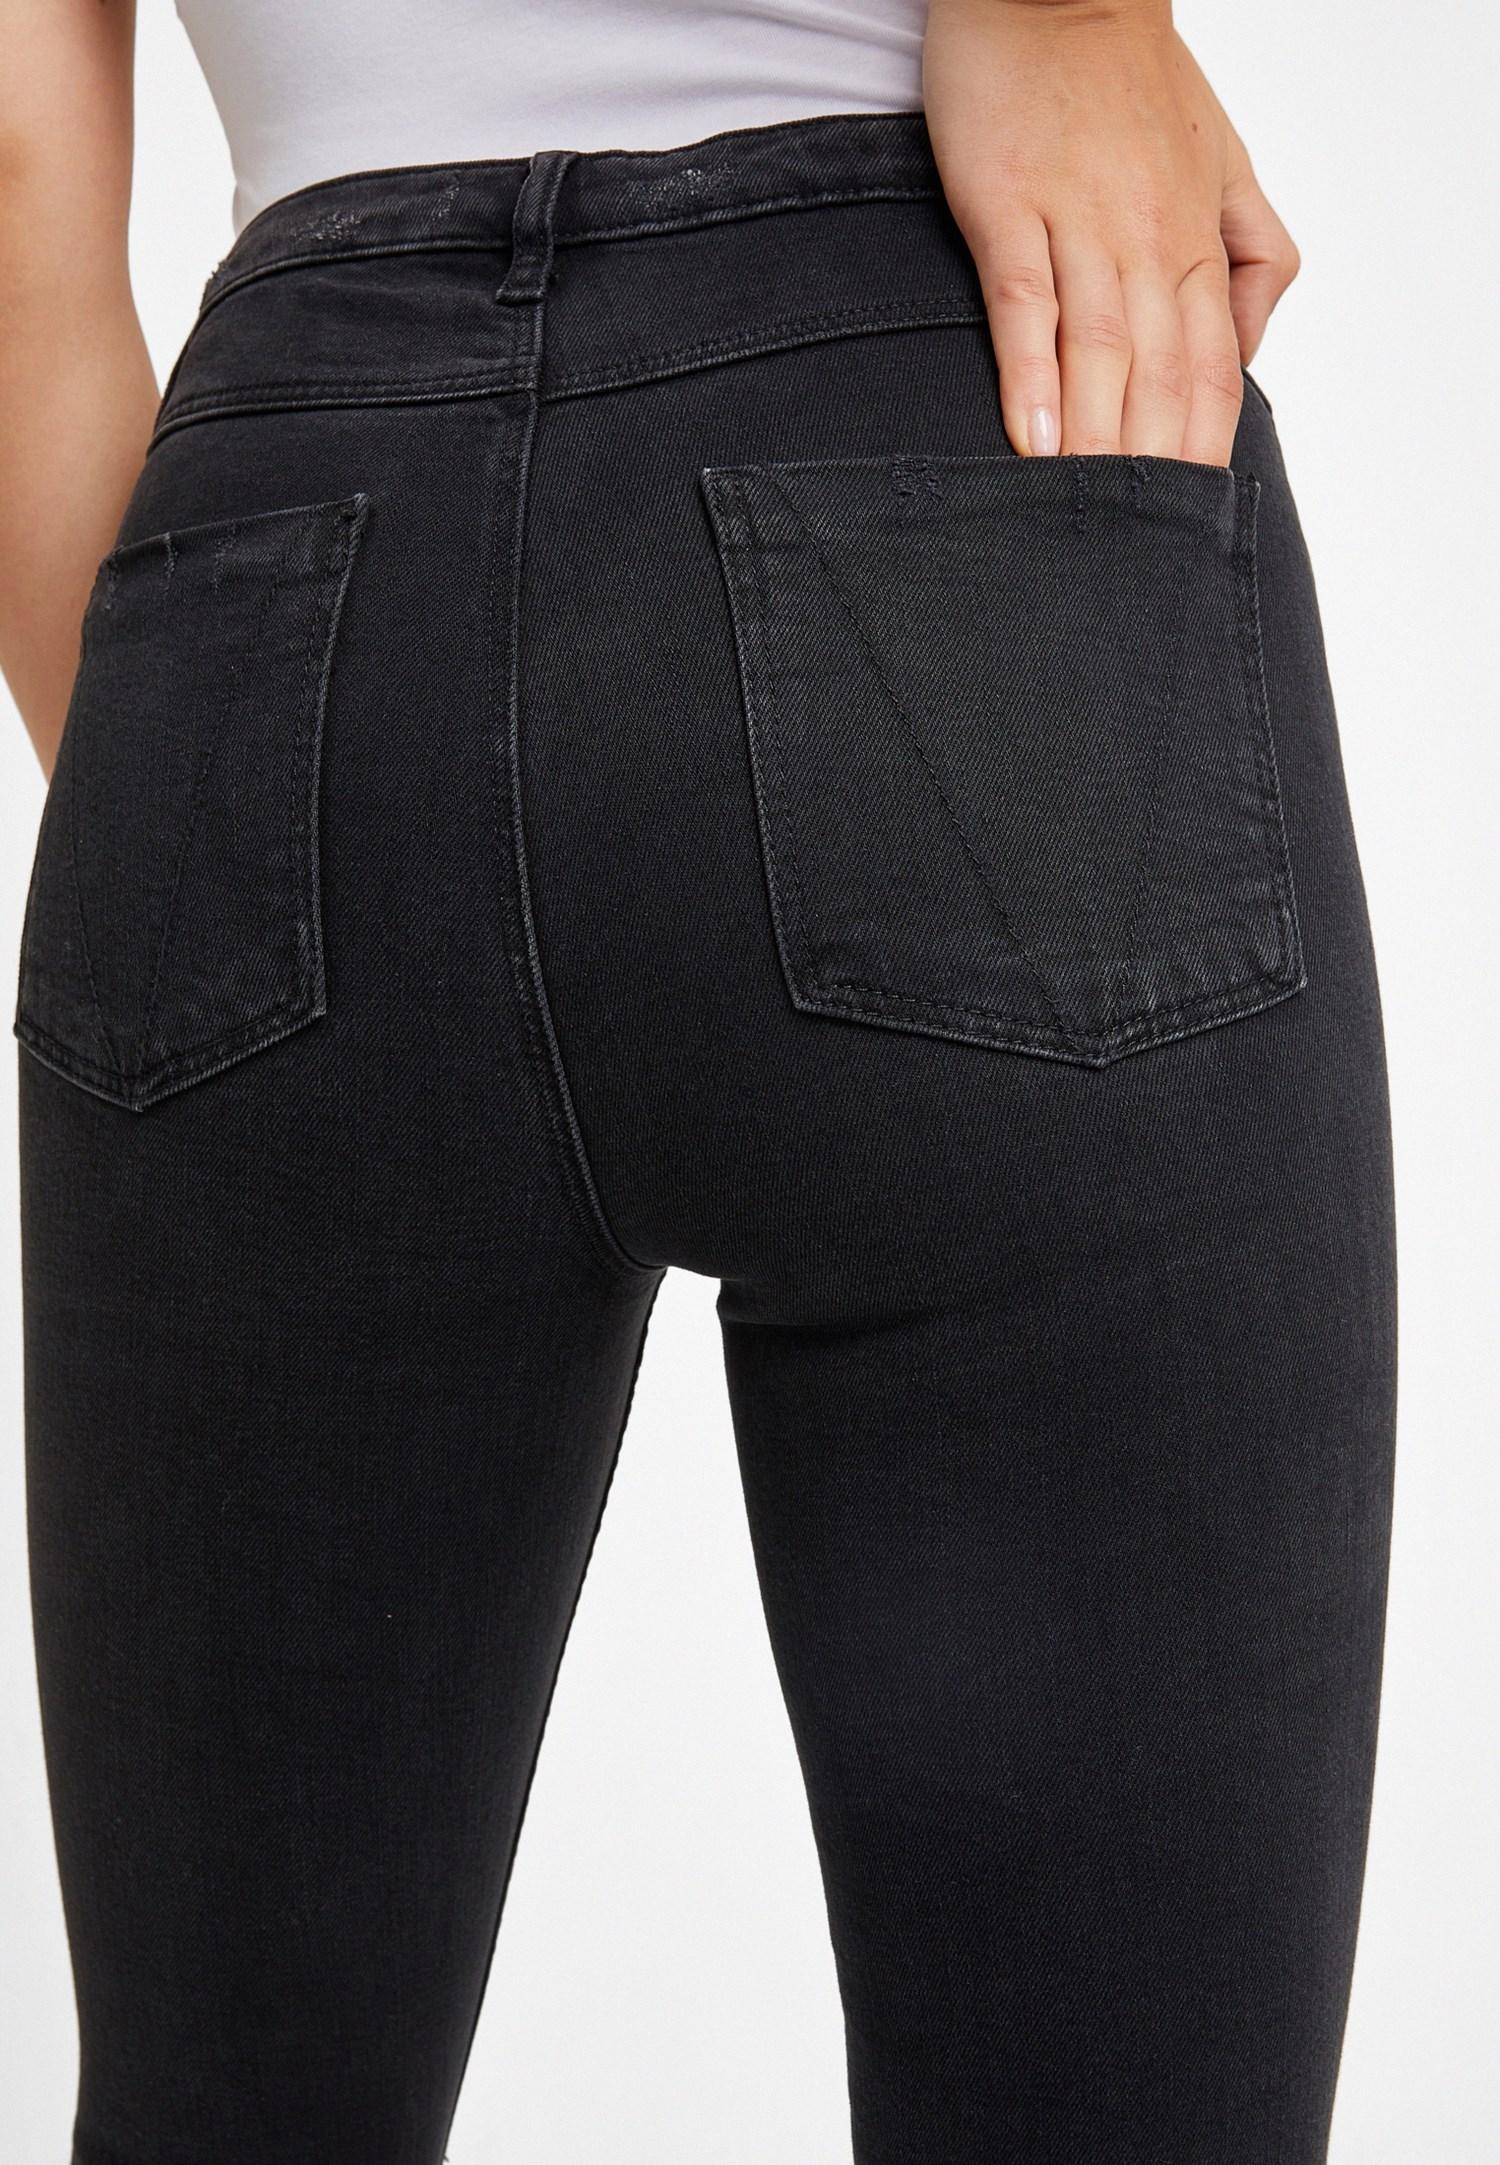 Bayan Siyah Dizleri Yırtık Denim Pantolon